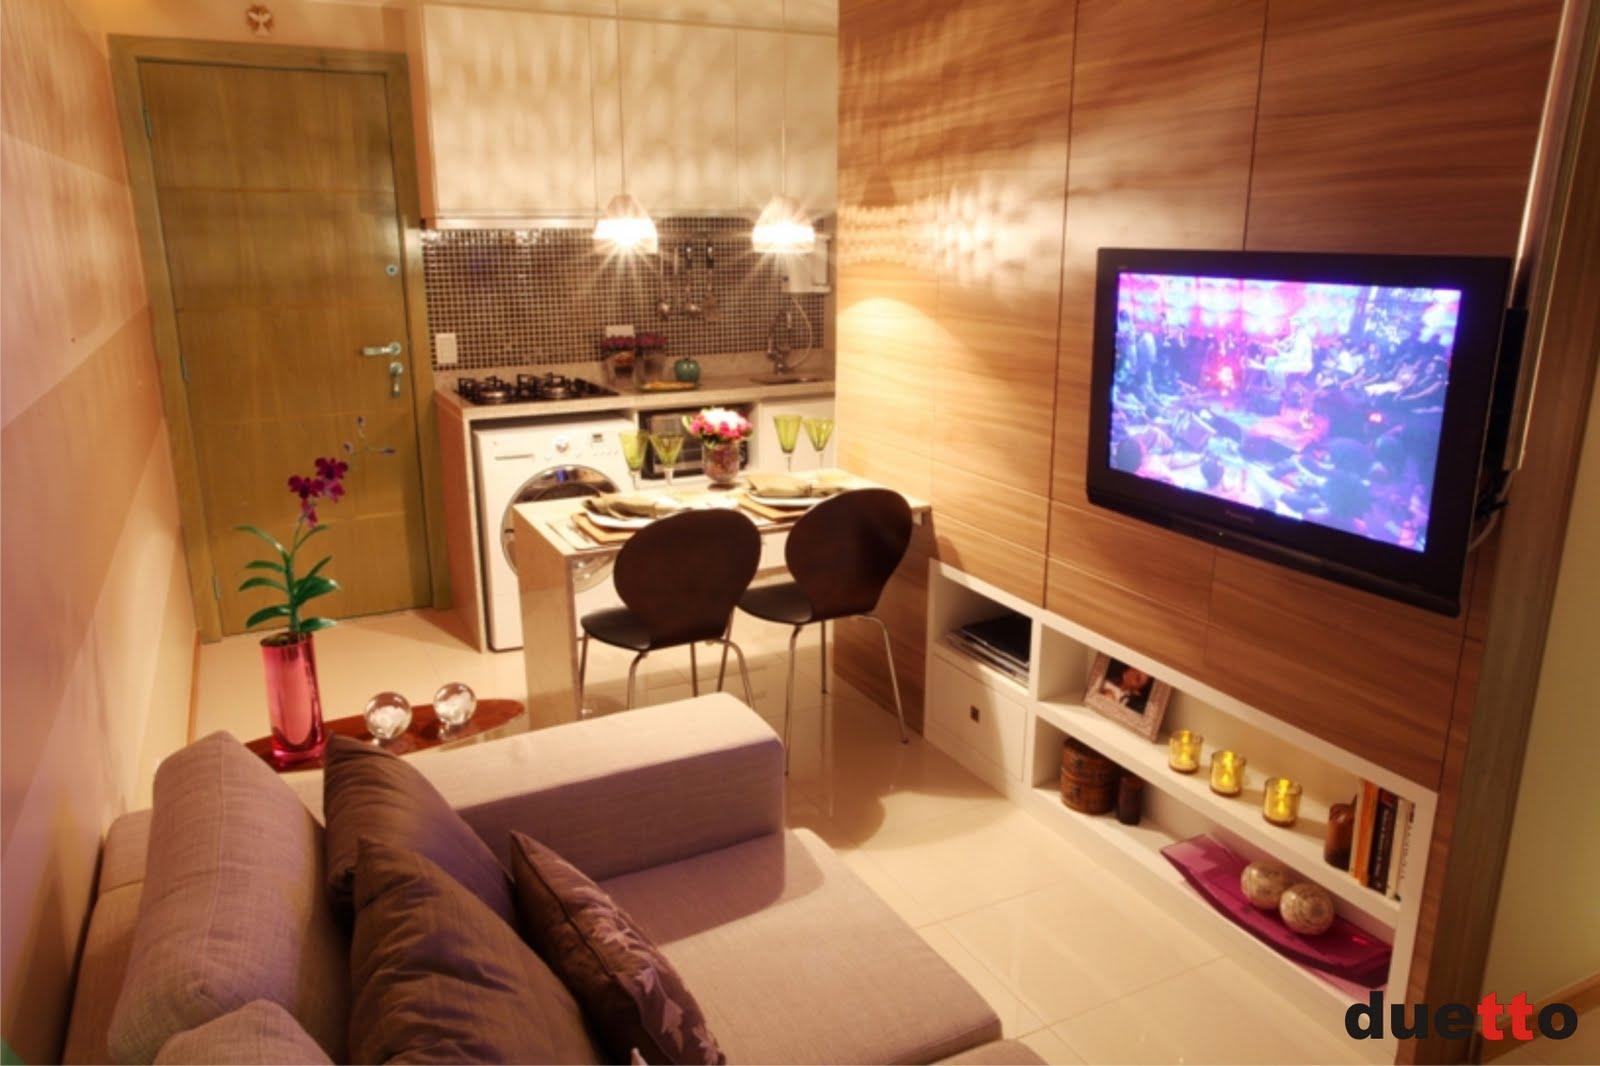 decoracao de sala pequena gastando pouco : decoracao de sala pequena gastando pouco:Decoracao De Apartamento Pequeno